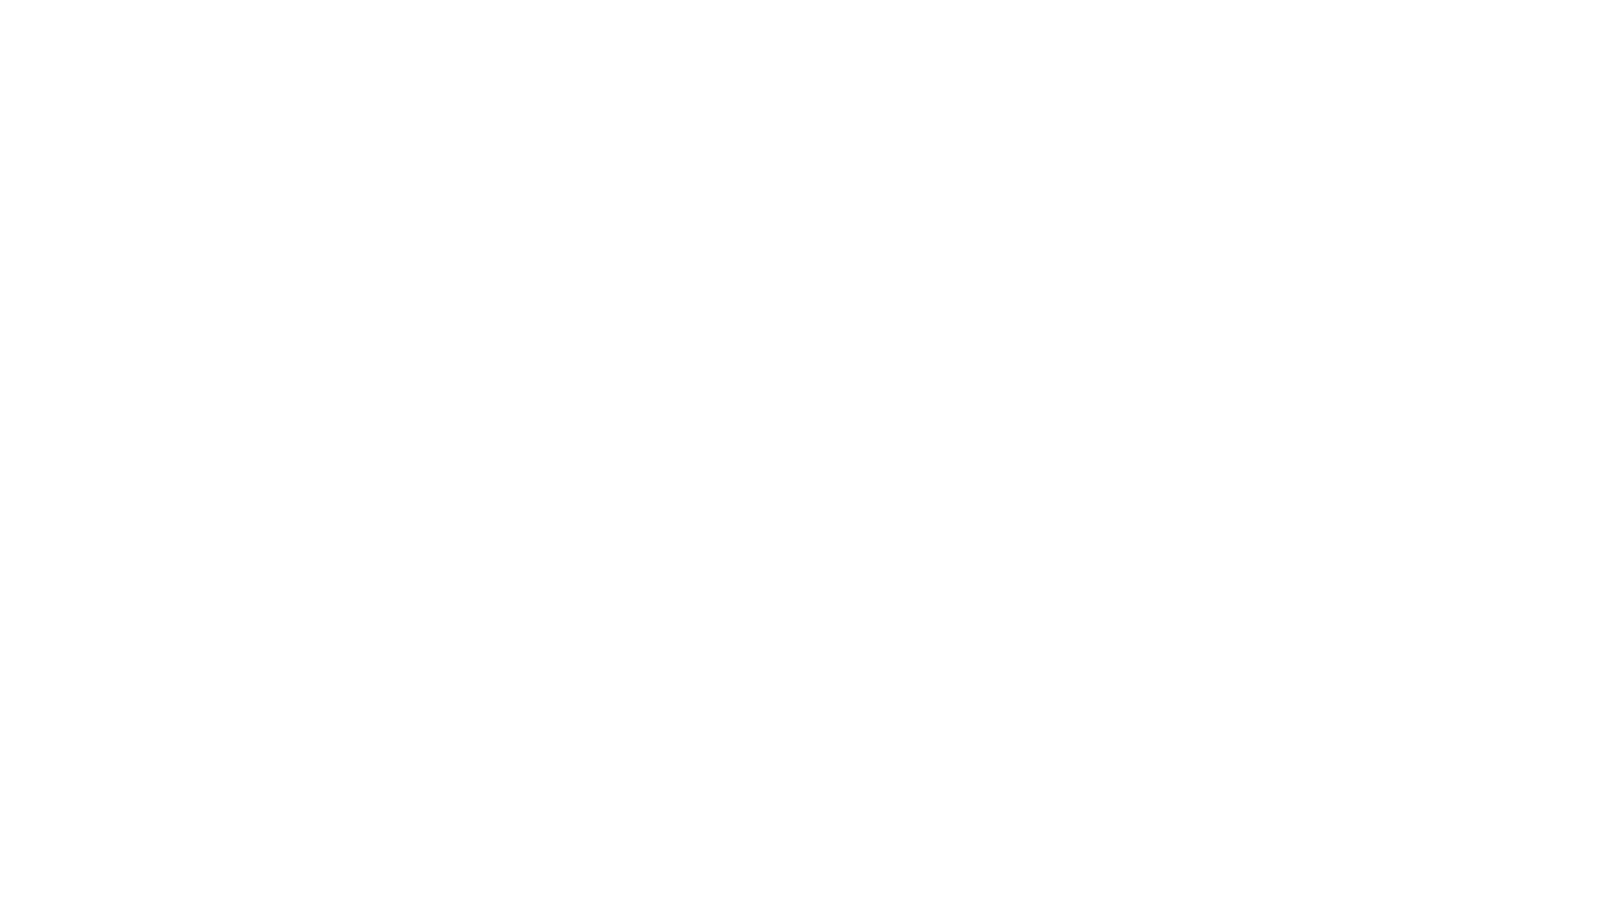 Enlaces del vídeo: 🎁 Estateguru https://bit.ly/estateguruip2p 0,5% de la inversión de los primeros 3 meses 🎁 Reinvest24 https://bit.ly/reinvest24ip2p10 BONUS 10€  Bulkestate https://bit.ly/bulkestateip2p   Crowdestate https://bit.ly/crowdestateip2p  Descubre en que consiste el crowdfunding y crowdlending inmobiliario. Vemos los diferentes tipos de proyectos y préstamos y algunas plataformas en las que se puede invertir.  🔥  ¡Más vídeos interesantes!  🔥 📺  Vídeo análisis de la plataforma ESTATEGURU https://youtu.be/xXW82zqxMAQ 📺  Entrevista con el CEO de REINVEST24https://youtu.be/RJNWnf_fuqU 📺  Vídeo análisis de la plataforma REINVEST24https://youtu.be/M9nF-k0bzJQ  ⏰  Agenda del vídeo  ⏰ 0:00 Intro 00:25 Tipos de préstamos y proyectos 05:13 Ventajas de invertir en plataformas inmobiliarias 06:28 Desventajas de invertir en crowdlending y crowdfunding inmobiliario 07:12 Estateguru 09:00 Crowdestate 10:05 Bulkestate 10:50 Housers 11:24 ¿Qué es LTV? 12:09 Reinvest24 12:50 Brickstarter 13:18 En que plataformas de crowdlending inmobiliario invierto  💛 Plataformas P2P con BONUS de bienvenida para nuevos inversores:  🎁 Bondora https://bit.ly/bondoracc 5 €  🎁 Estateguru https://bit.ly/estateguruip2p 0,5% de la inversión de los primeros 3 meses 🎁 PeerBerry https://bit.ly/peerberryip2p 0,5% de la inversión de los primeros 3 meses 🎁 Bondster https://bit.ly/bondsterip2p 1% de la inversión de los primeros 3 meses 🎁 Crowdestor https://bit.ly/crowdestorip2p  1% de la inversión de los primeros 6 meses 🎁 NEO Finance https://bit.ly/neofinanceip2p BONUS 25 €  🎁 Reinvest24 https://bit.ly/reinvest24ip2p10  BONUS 10€ 🎁 Robocash https://bit.ly/robocashcc 1% BONUS 🎁 Twino: https://bit.ly/twinoip2p20 BONUS 15€ (inversión mínima 100€) 🎁 Viainvest https://bit.ly/viainvestip2p15 BONUS 15€ (inversión mínima 50€)  ⭐️ MEJORES PLATAFORMAS DE CROWDLENDING:  🥇 Estateguru https://bit.ly/estateguruip2p 0,5% BONUS 🥈 Bondora: https://bit.ly/bondoracc BONUS 5€  🥉 Twino: https://bit.ly/twinoip2p20 BONUS 15